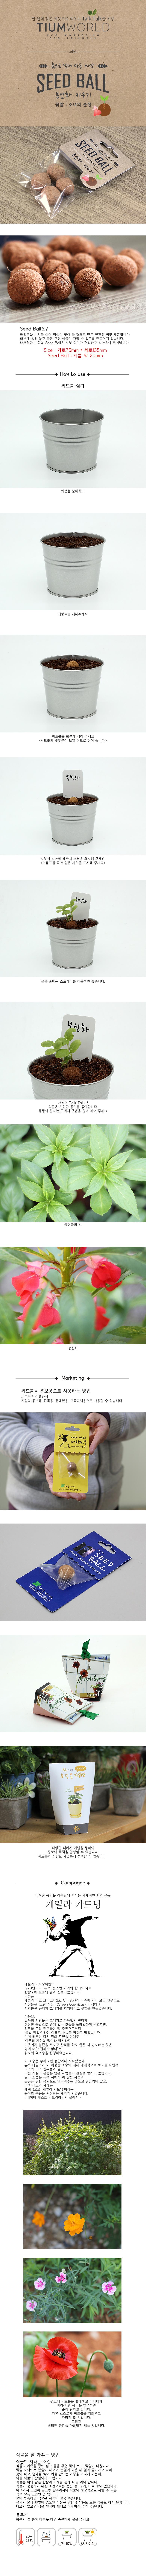 씨드볼-봉선화 - 틔움세상, 2,000원, 새싹/모종키우기, 씨앗